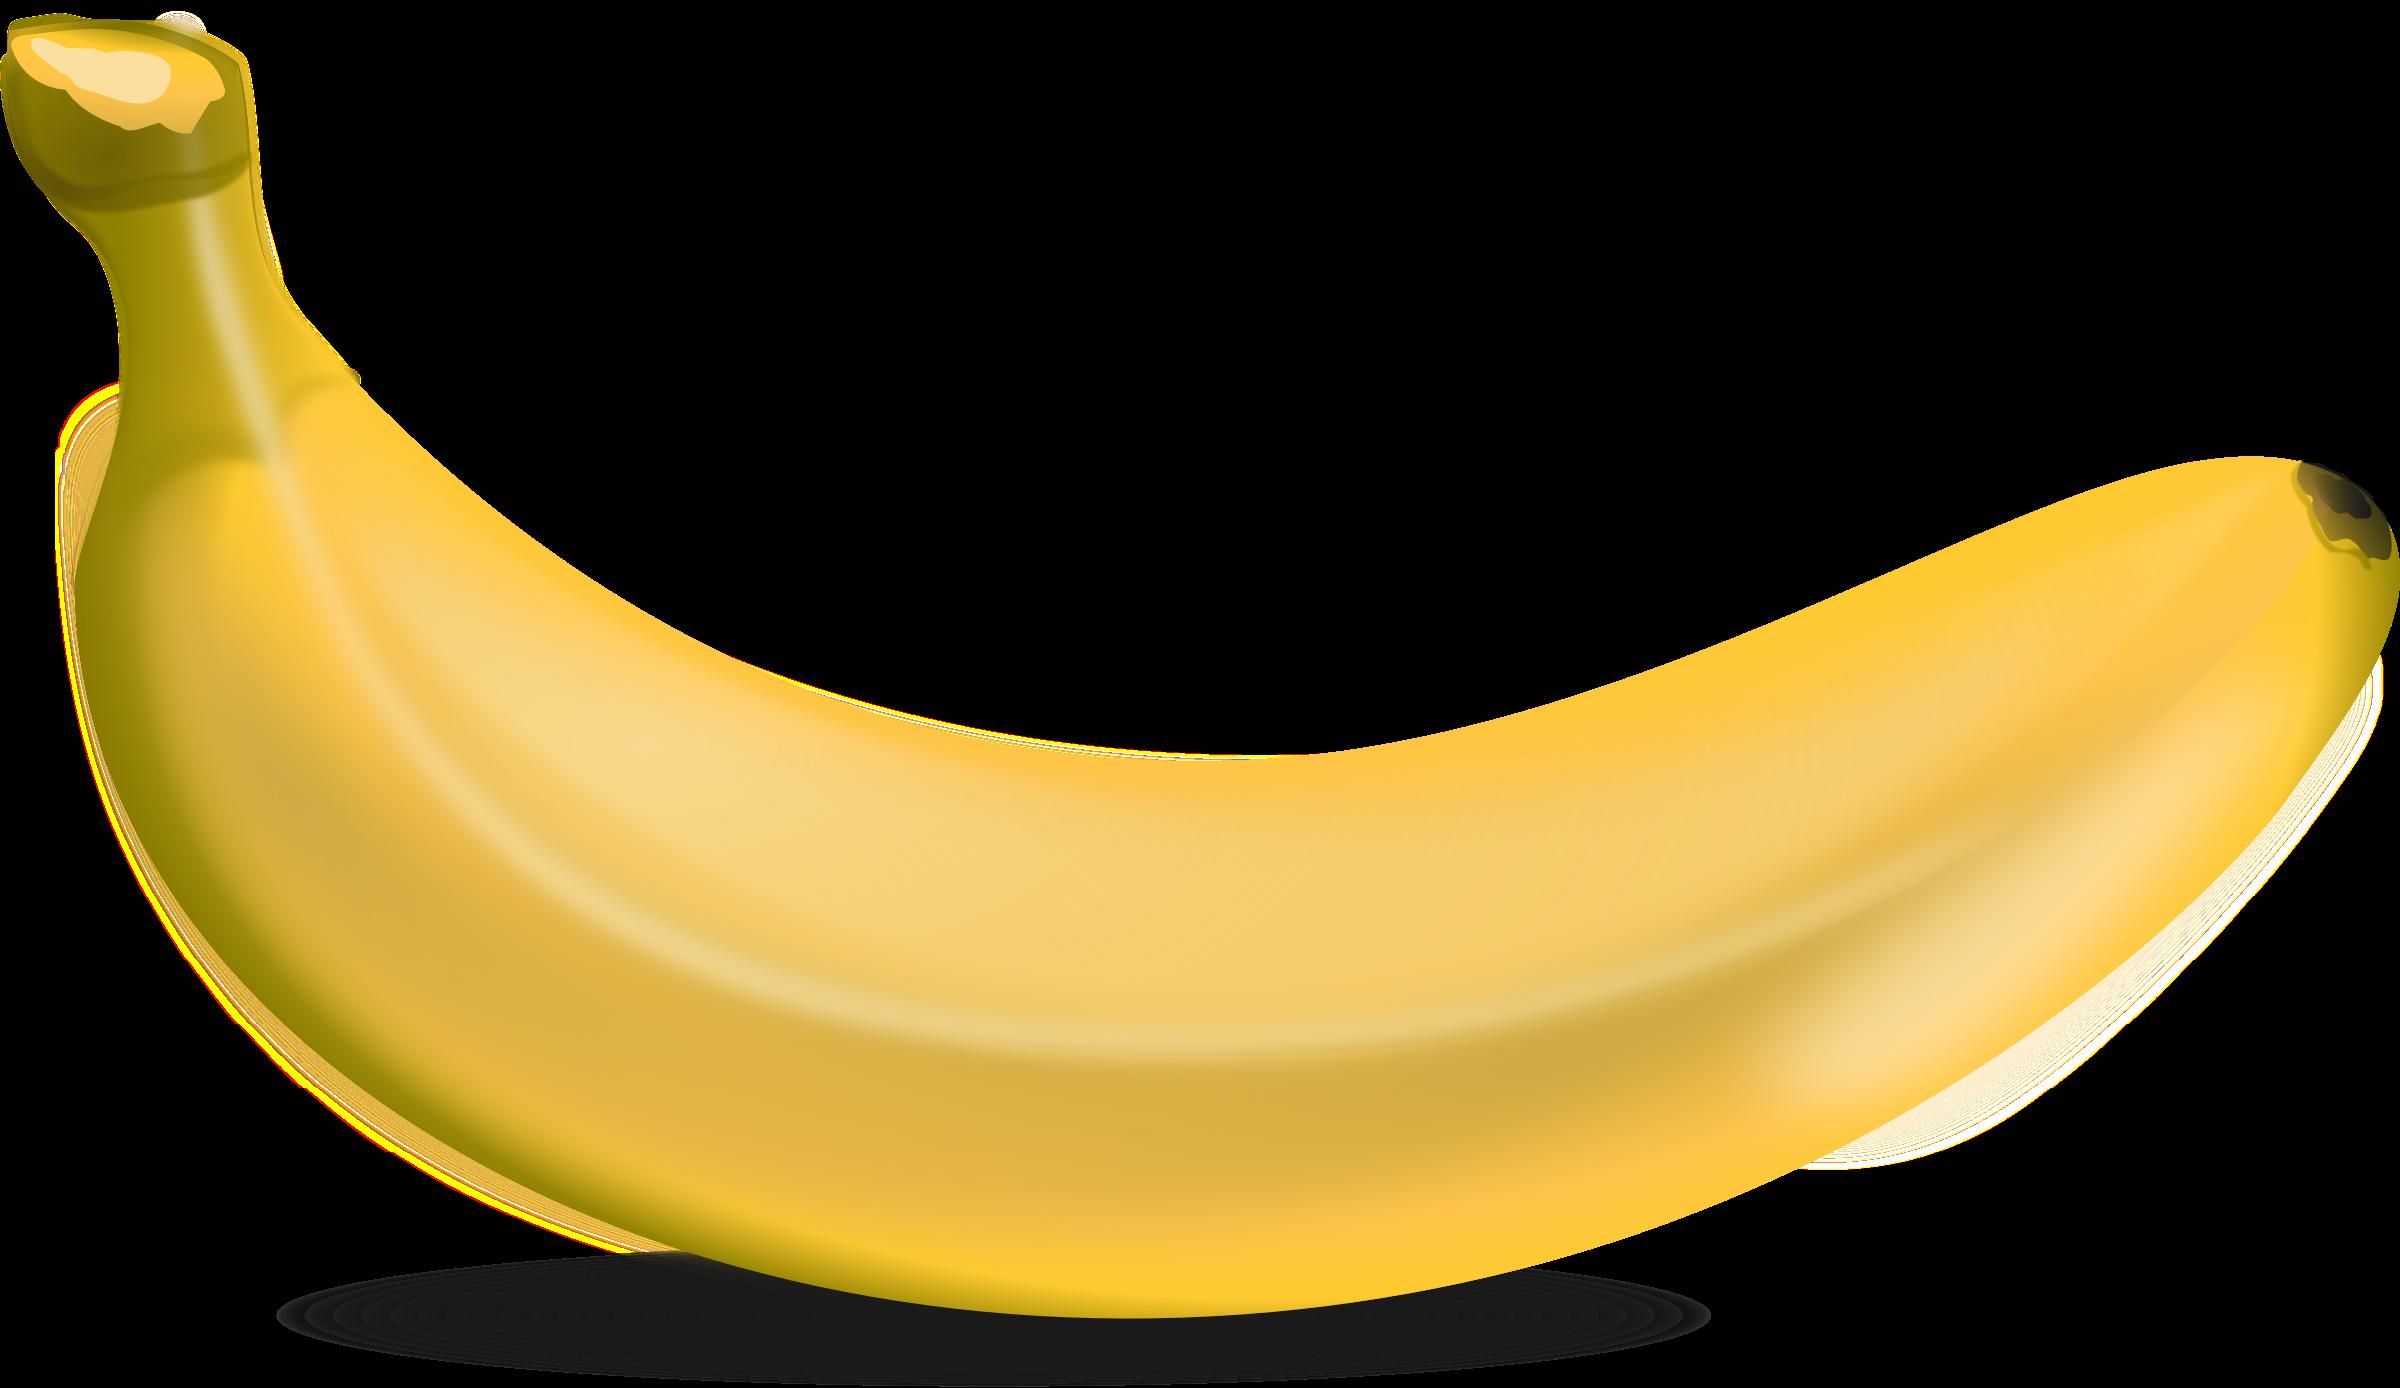 Banana PNG - 7375